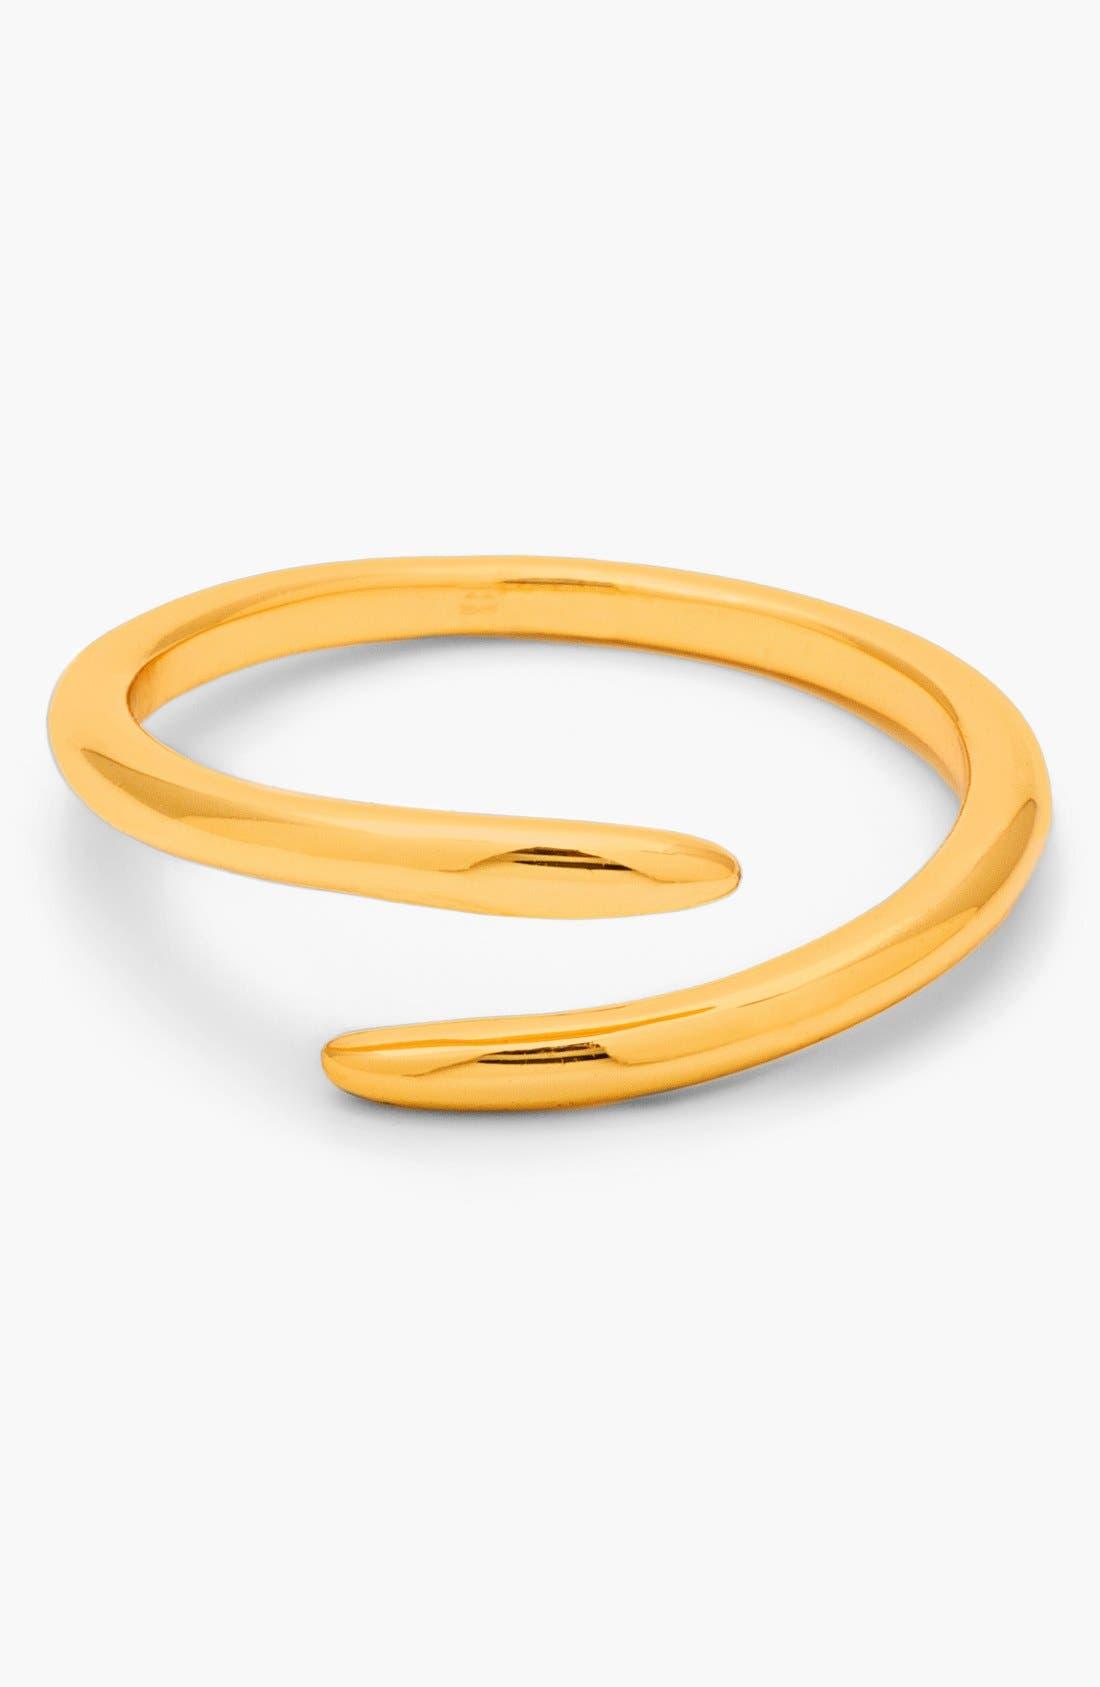 Main Image - gorjana 'Giselle' Midi Ring